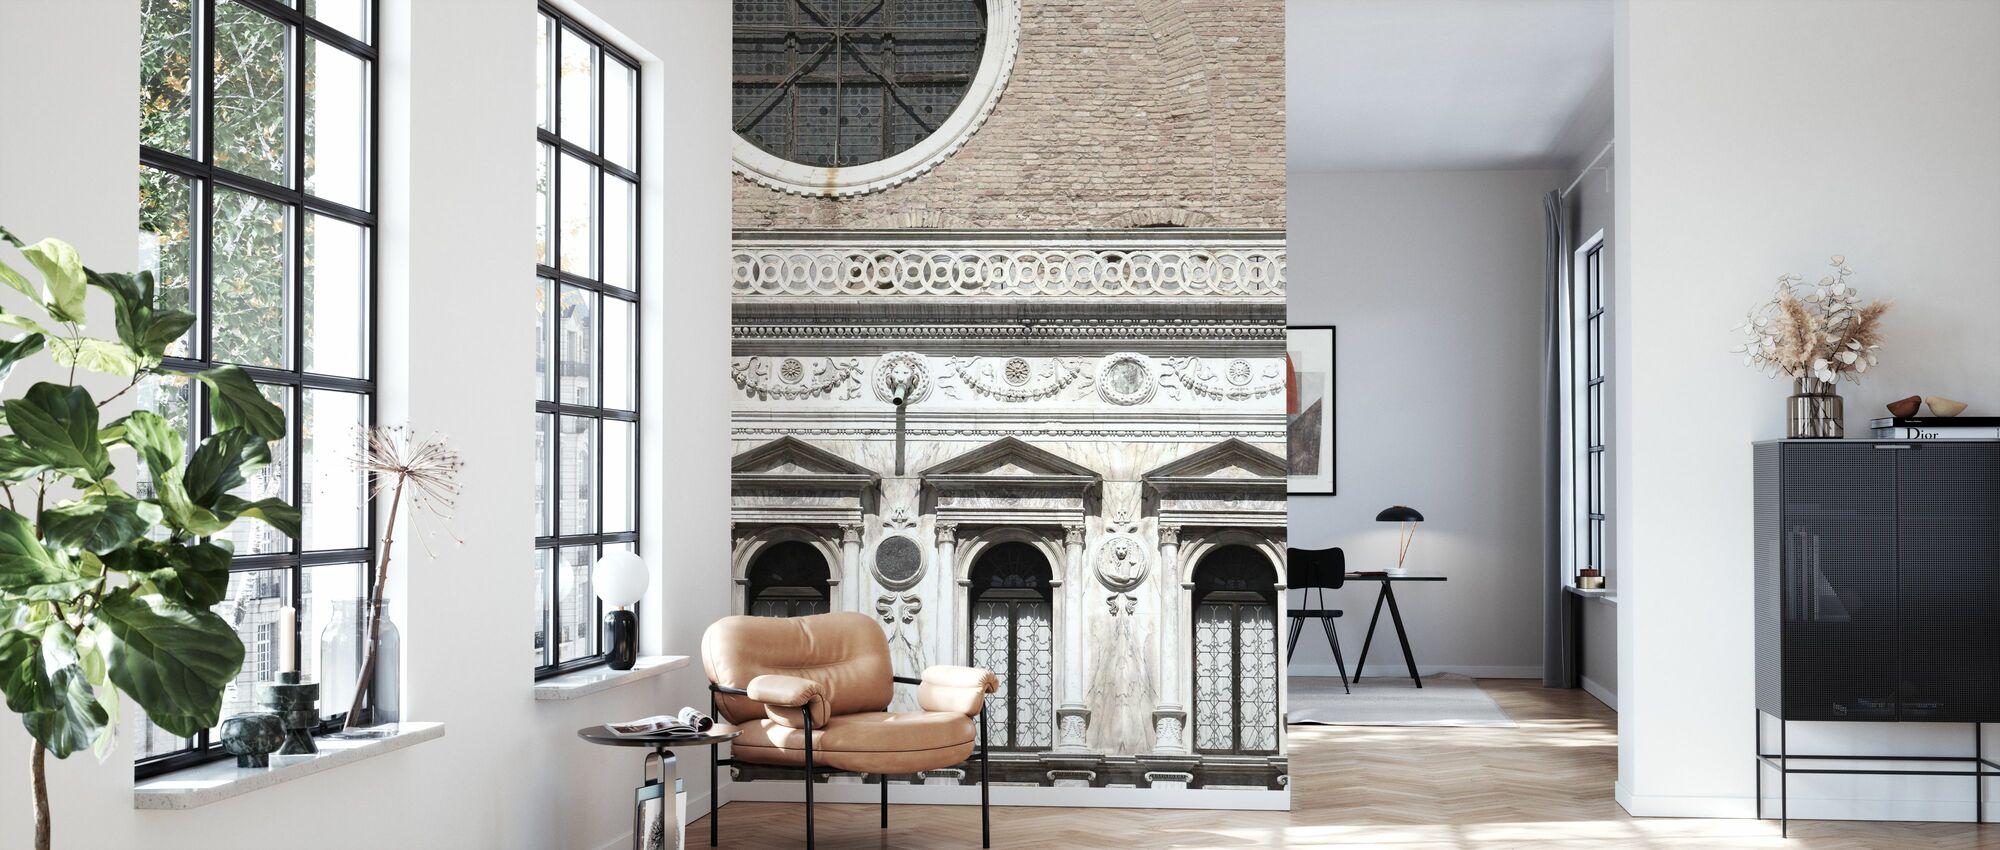 Venetian Facade Photos - Wallpaper - Living Room